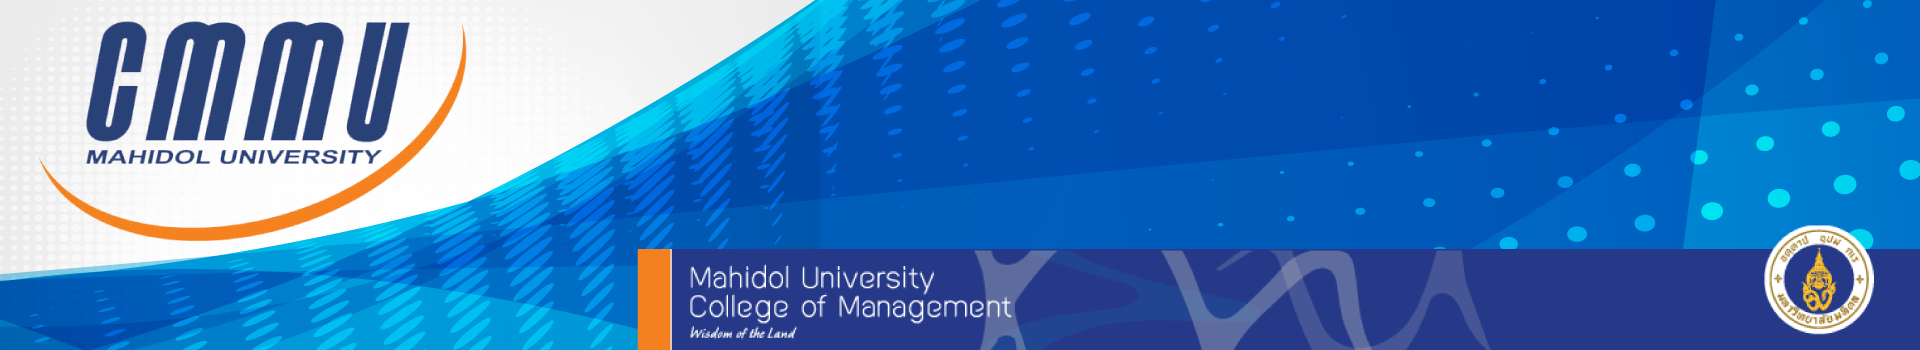 วิทยาลัยการจัดการ มหาวิทยาลัยมหิดล (CMMU) cover photo